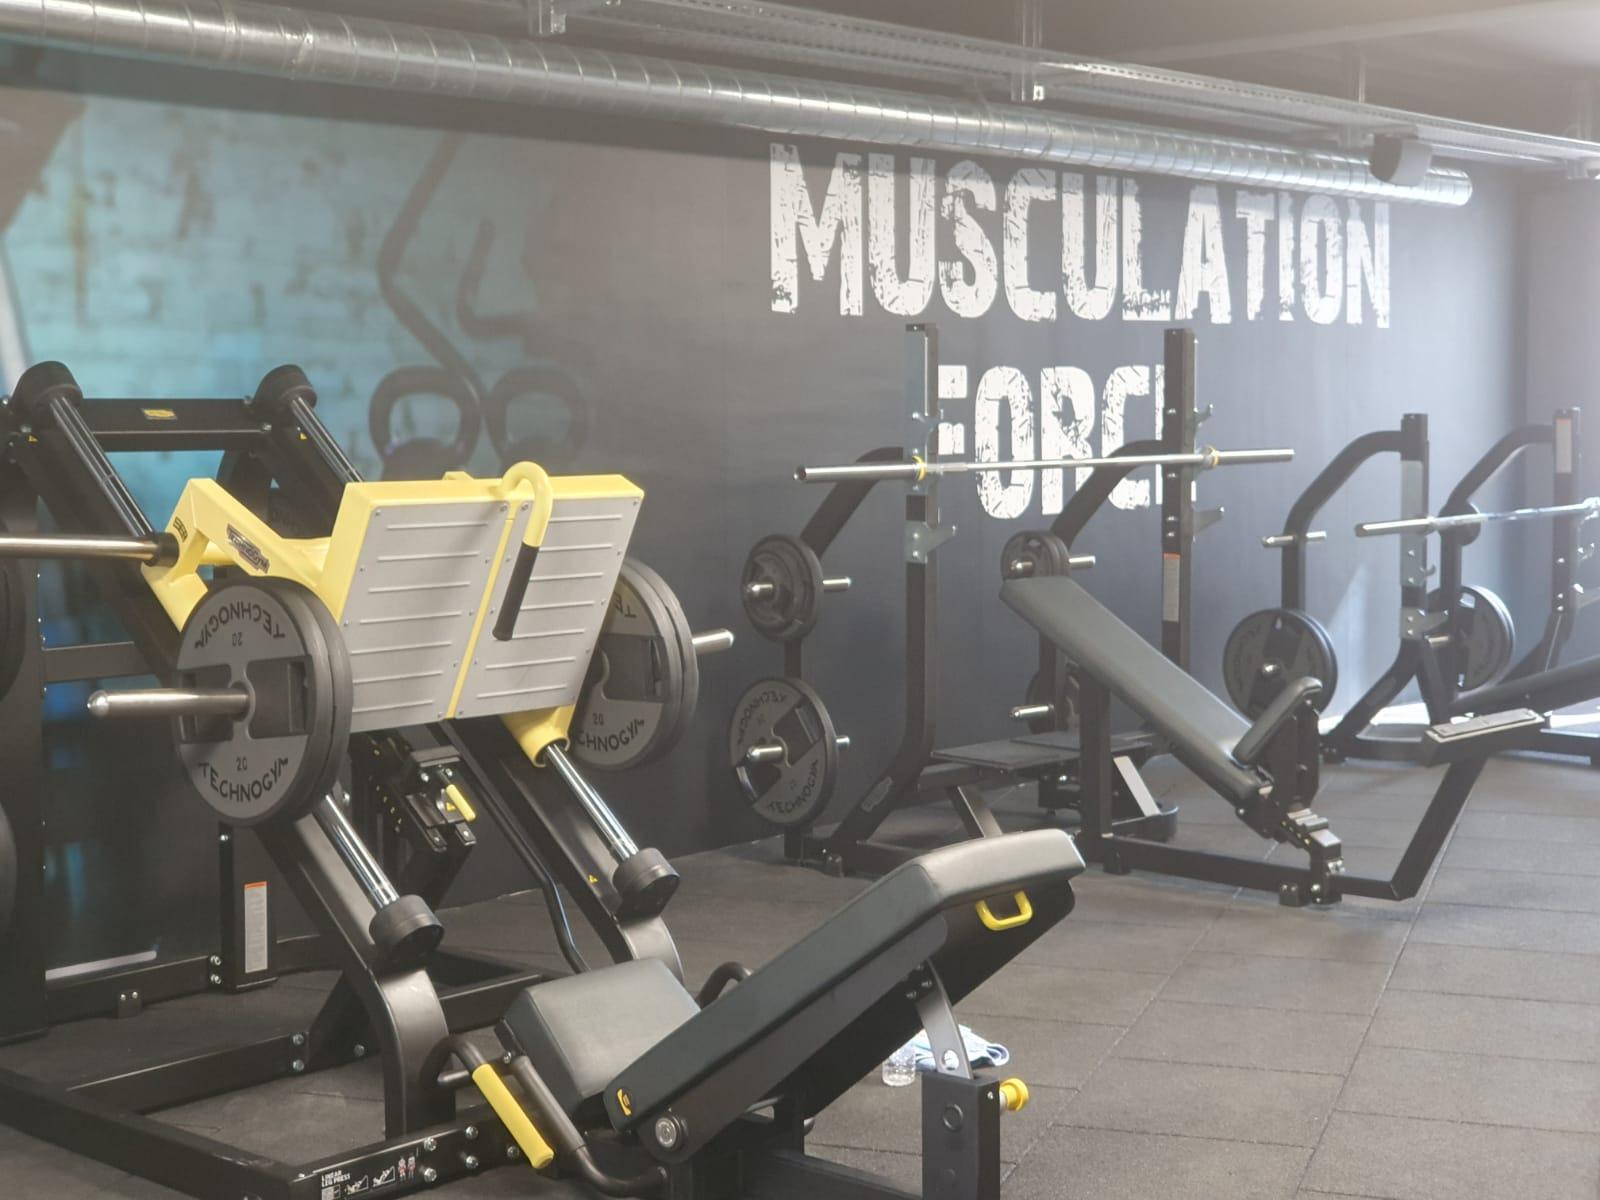 Fitness Park Saint Maur-0